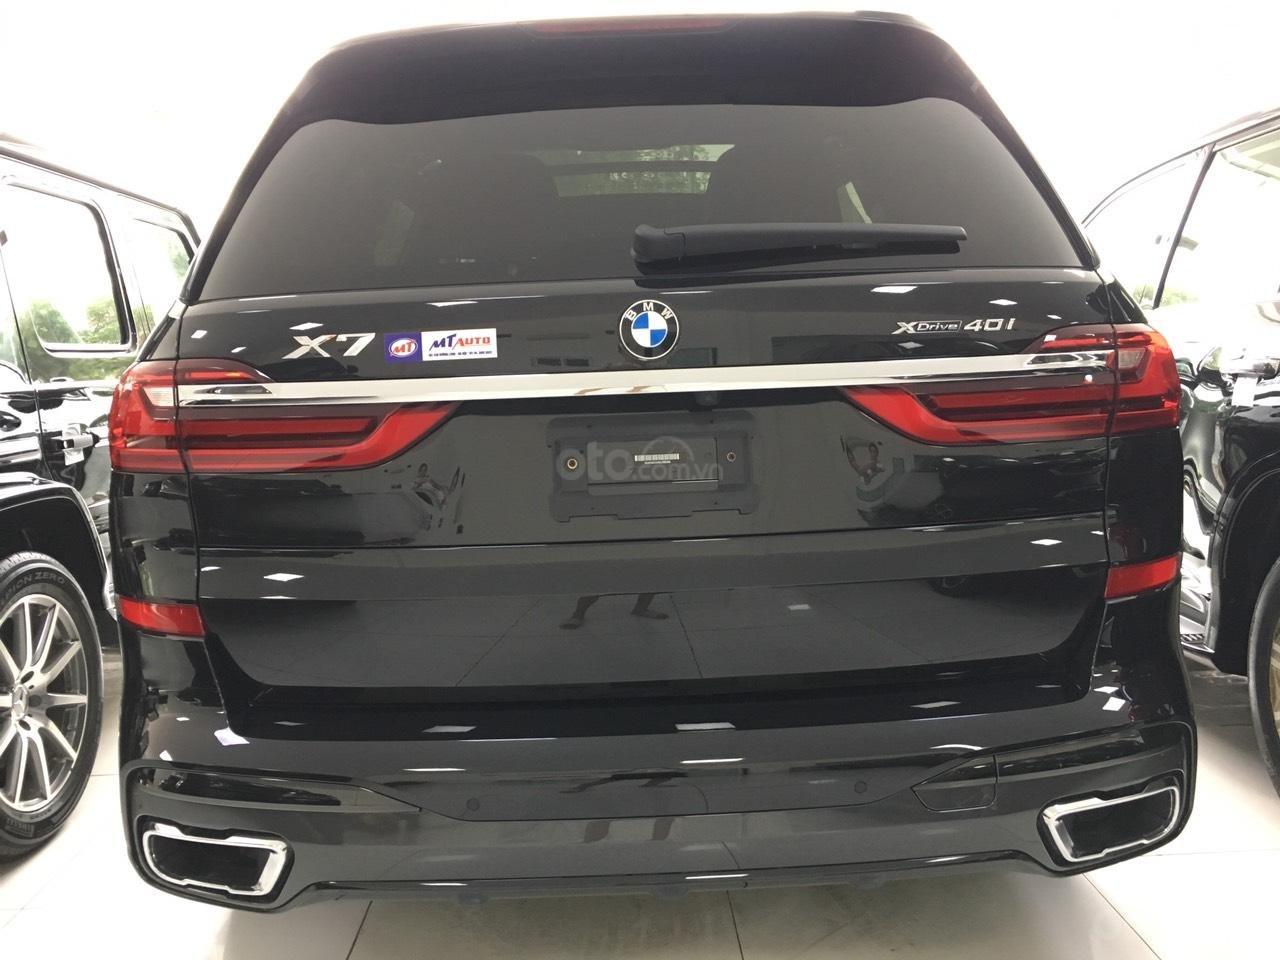 Bán xe BMW X7 xDrive 40i đời 2020, giá tốt, giao ngay toàn quốc - LH 093.996.2368 Ms. Ngọc Vy (3)